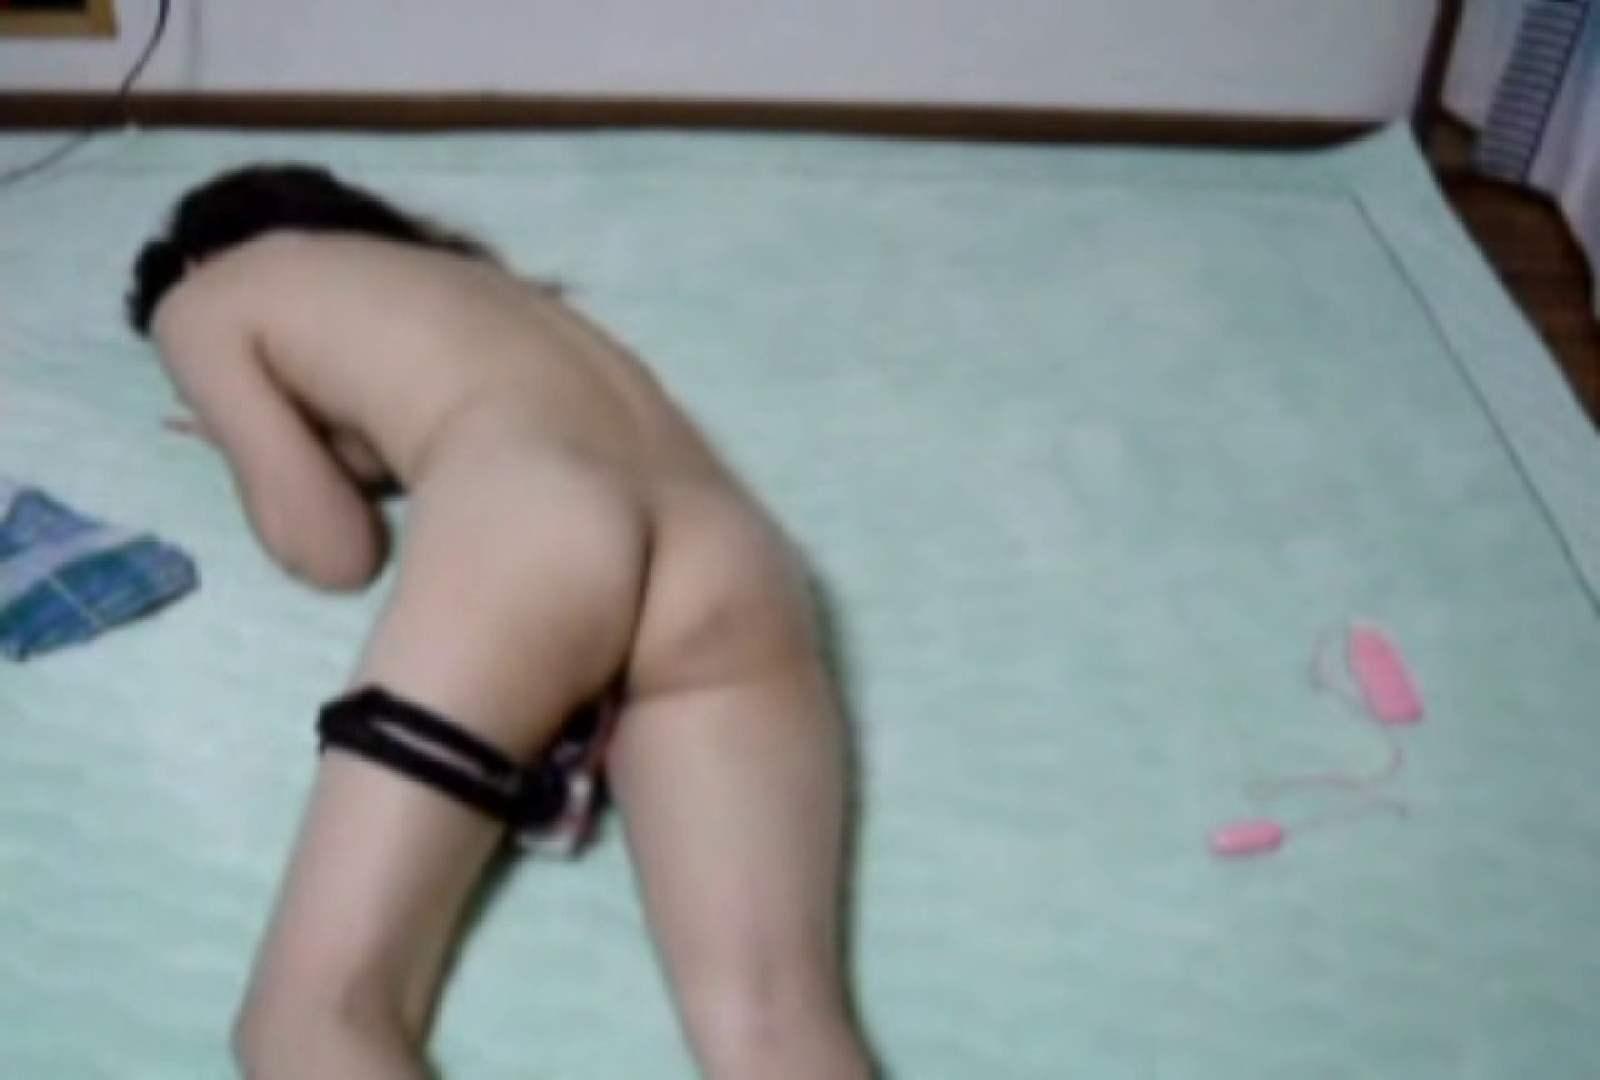 愛妻のオナニーを撮影してます 投稿映像 ヌード画像 82pic 78